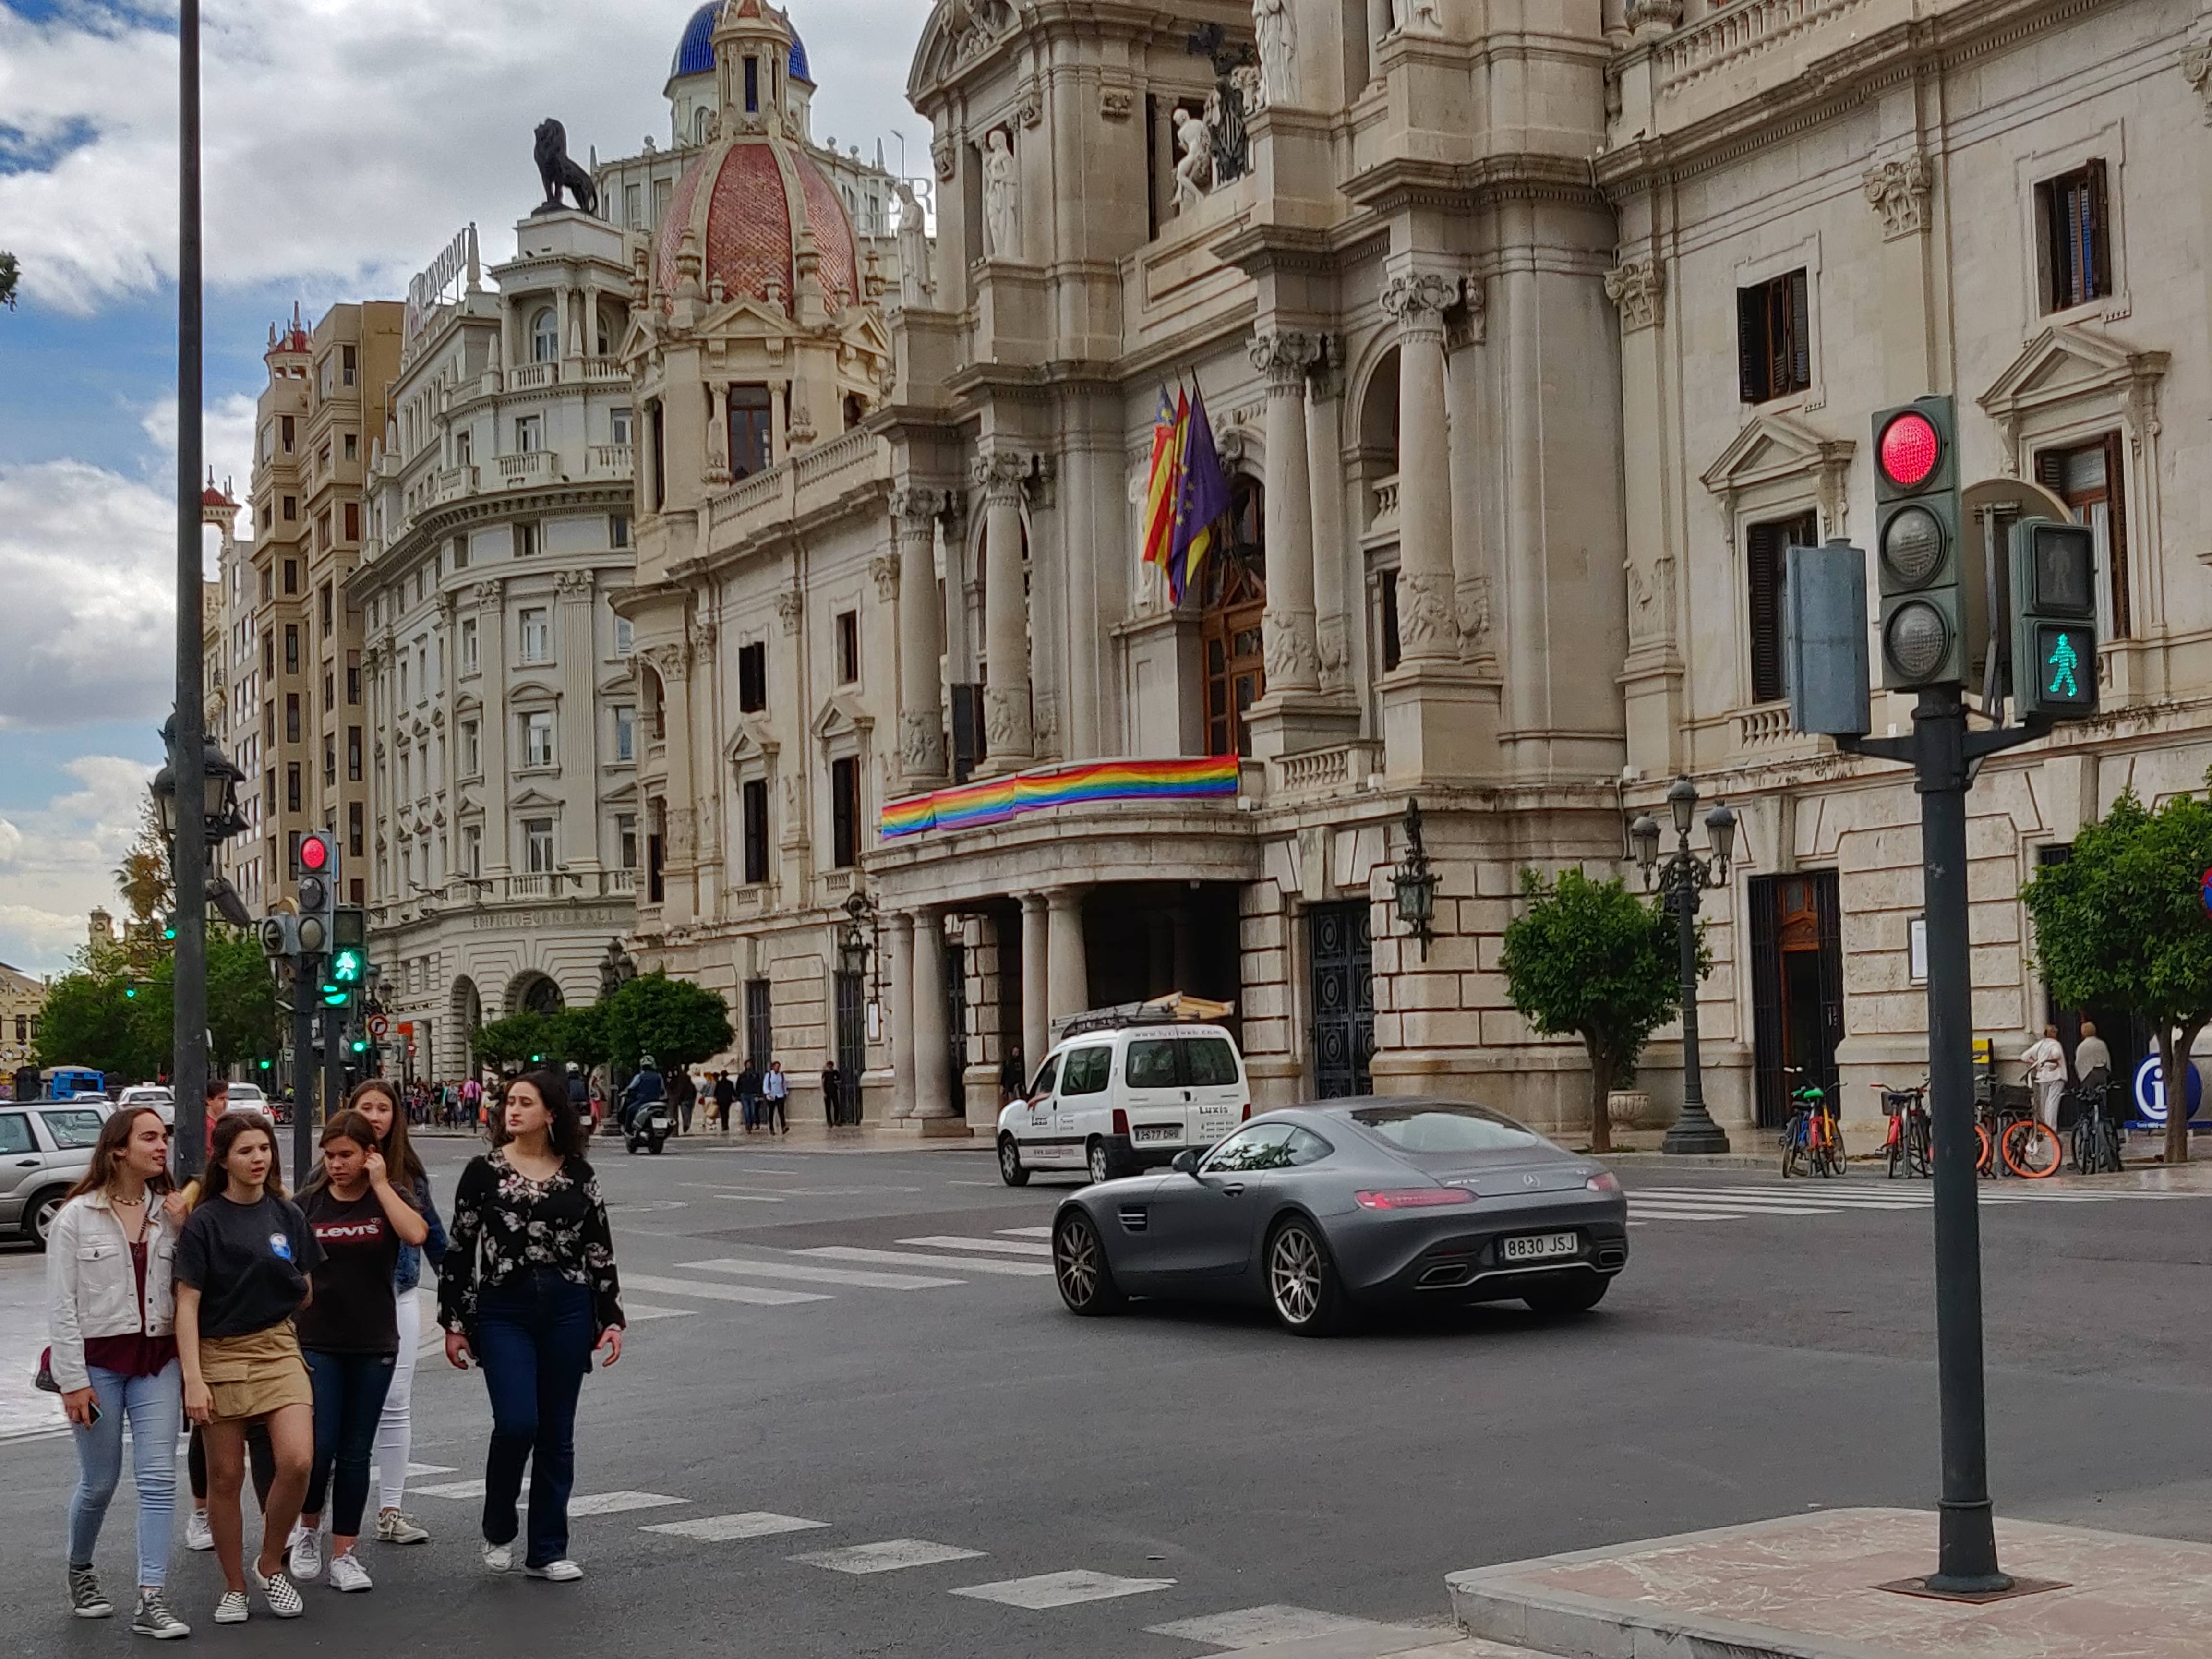 Аренда авто в испании — 2021. советы и отзывы